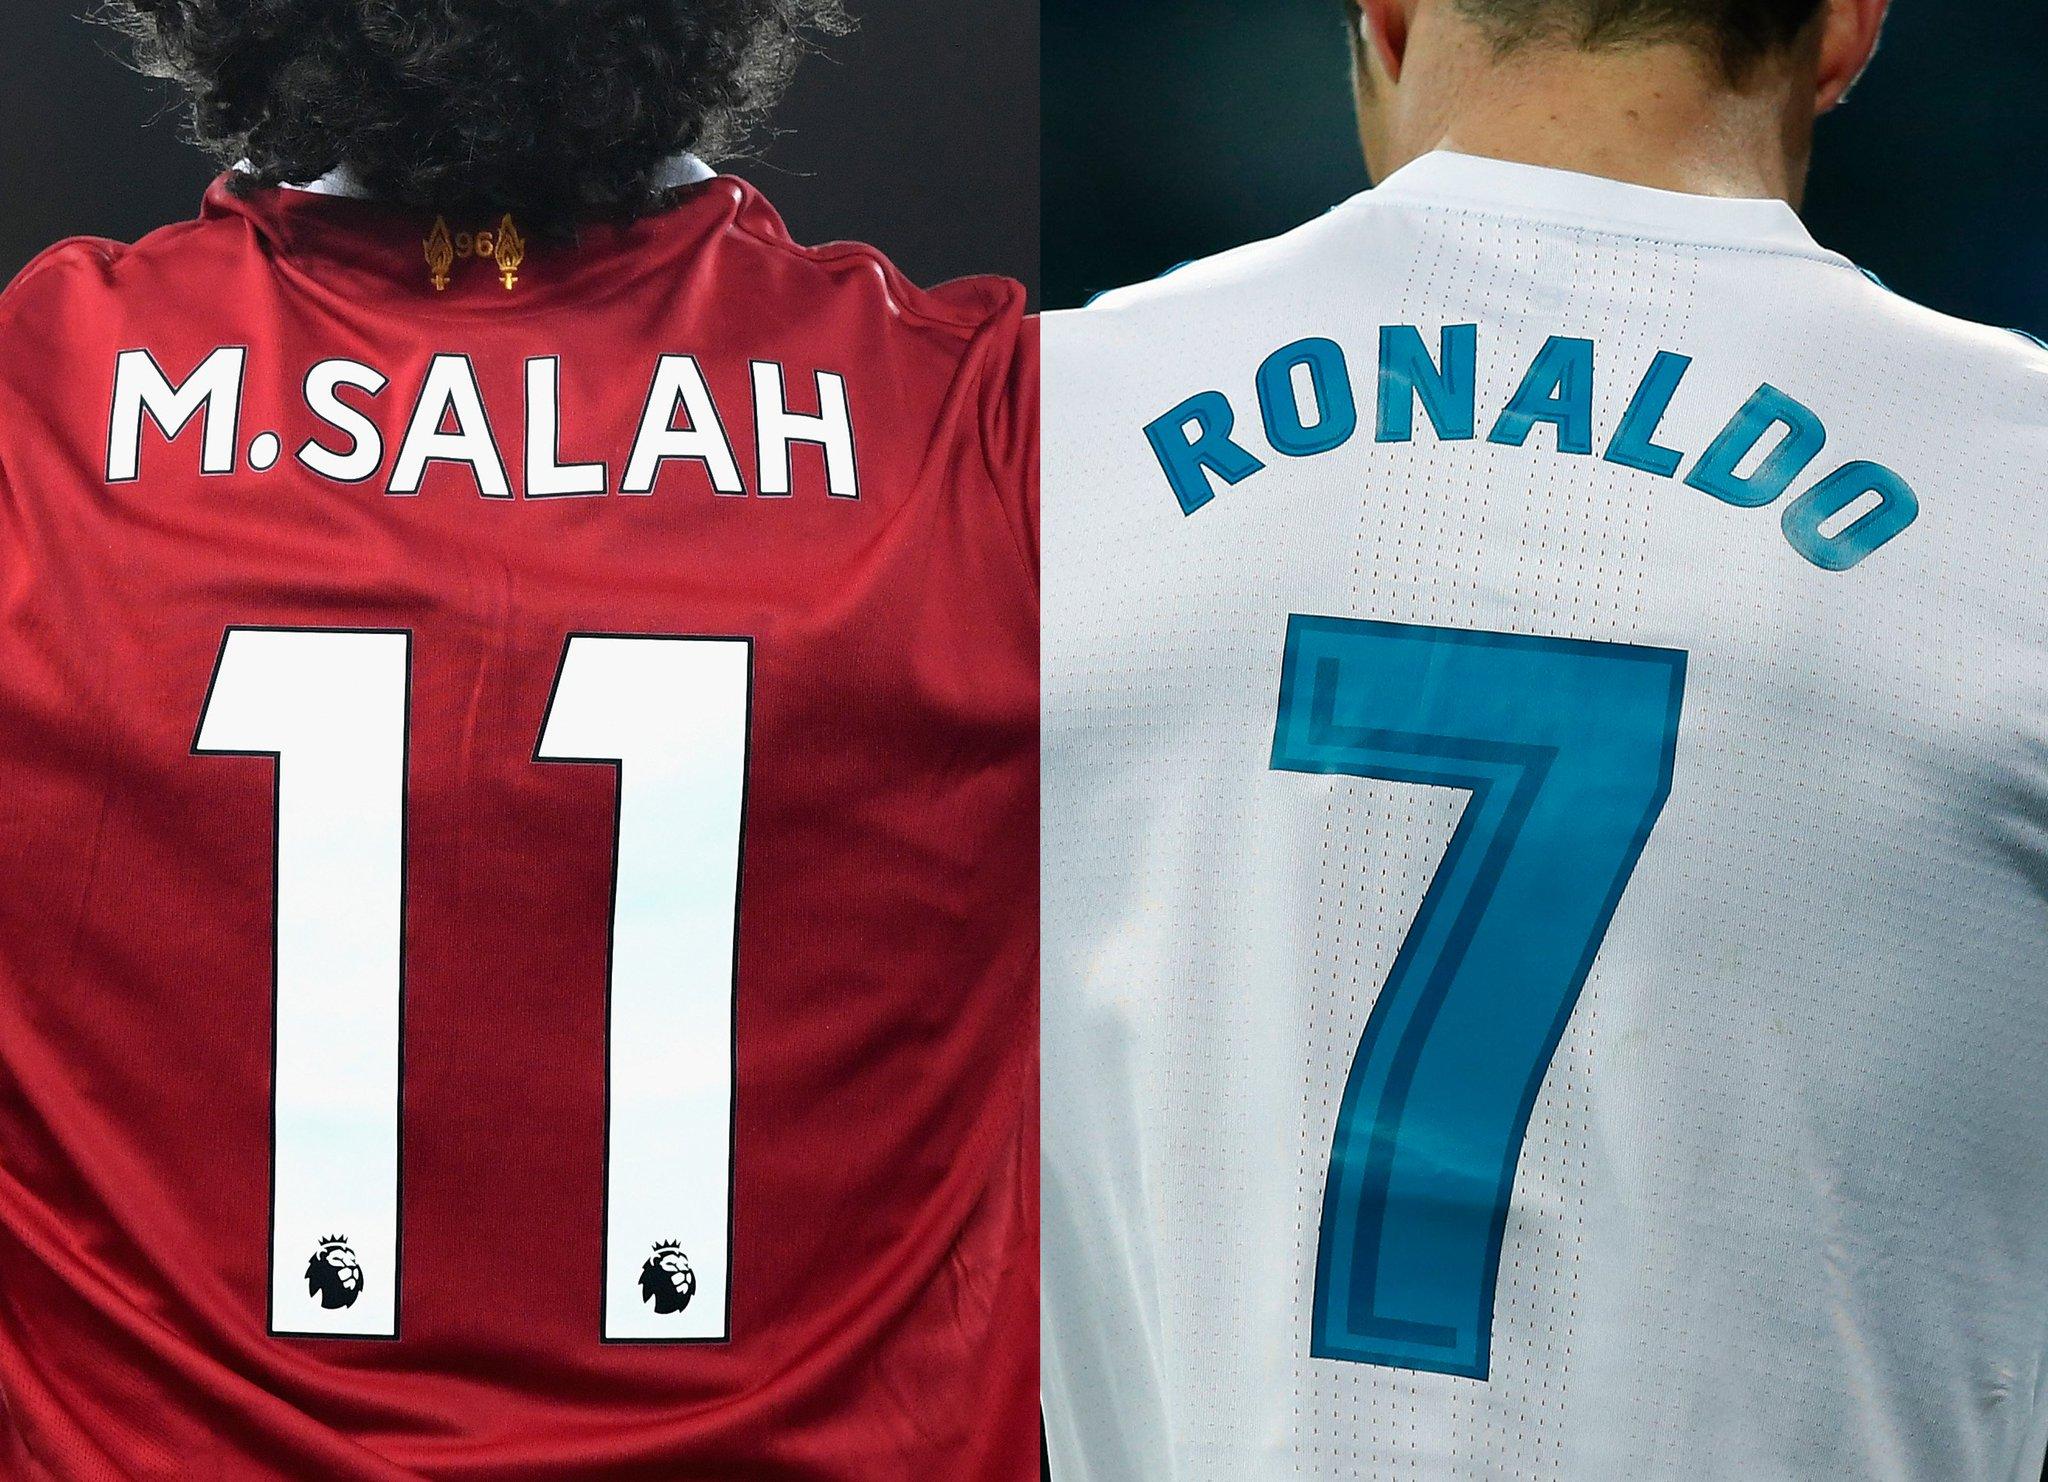 Salah or Ronaldo? ��  #UCLfinal https://t.co/S5iCXiQ4D1